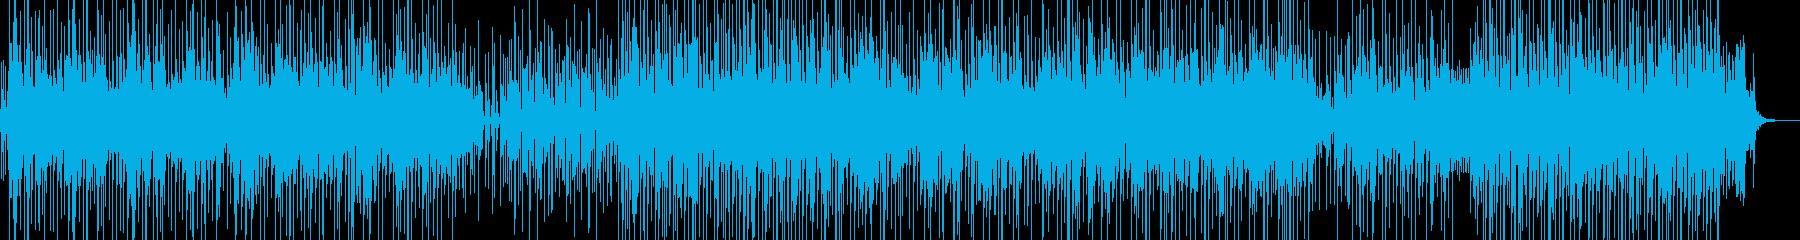 晴れやか・バカンスイメージのレゲェの再生済みの波形